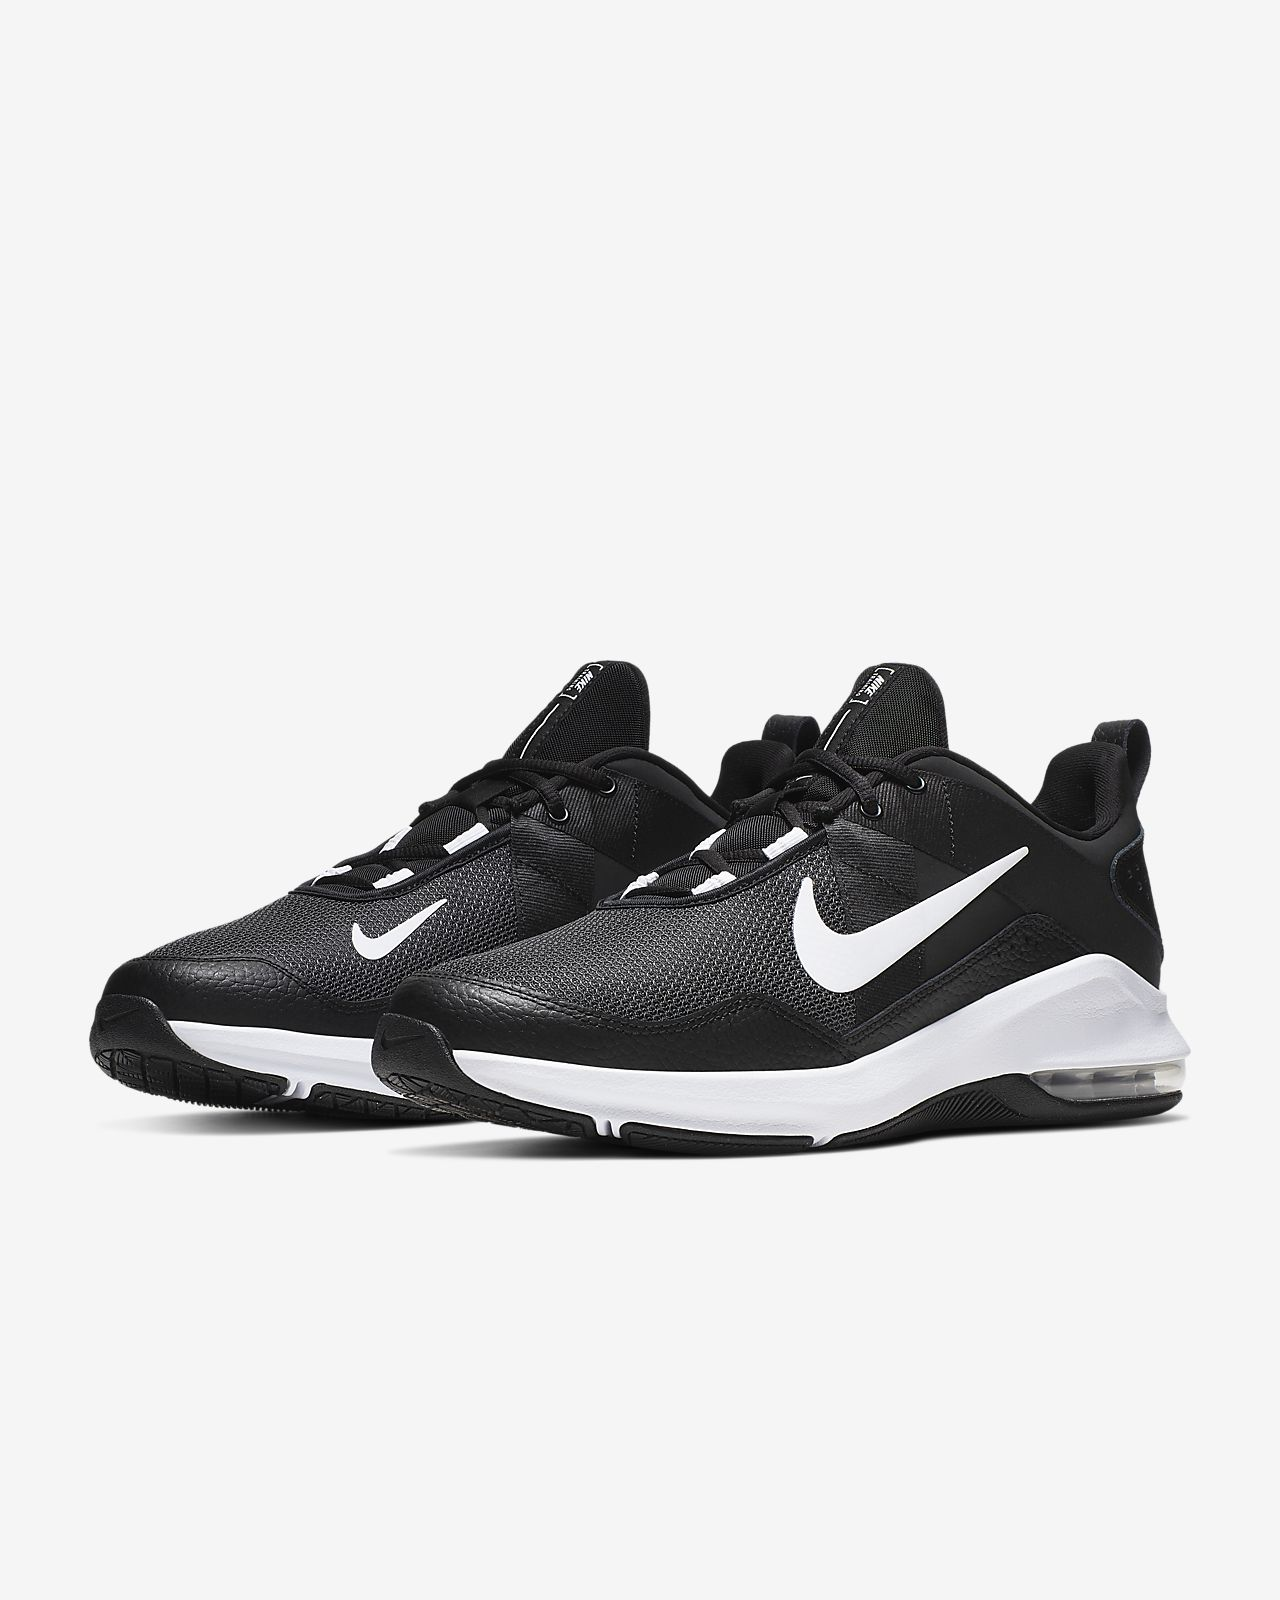 478 Best Nike Air Max images | Nike air max, Nike air, Nike